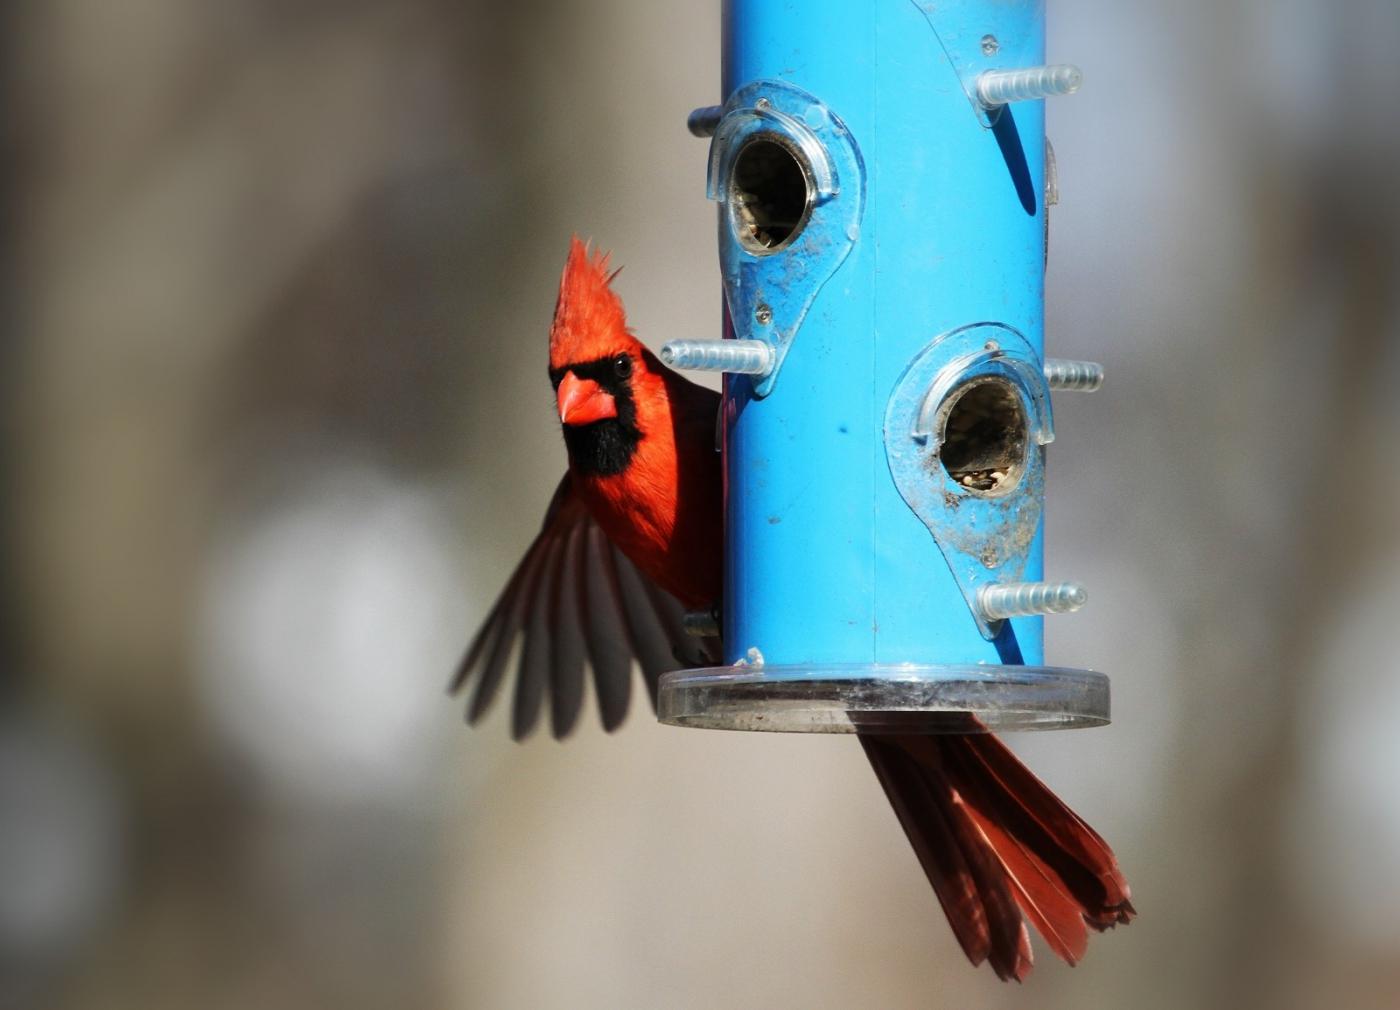 【田螺摄影】天暖了、把喂鸟器装满鸟就来了_图1-3